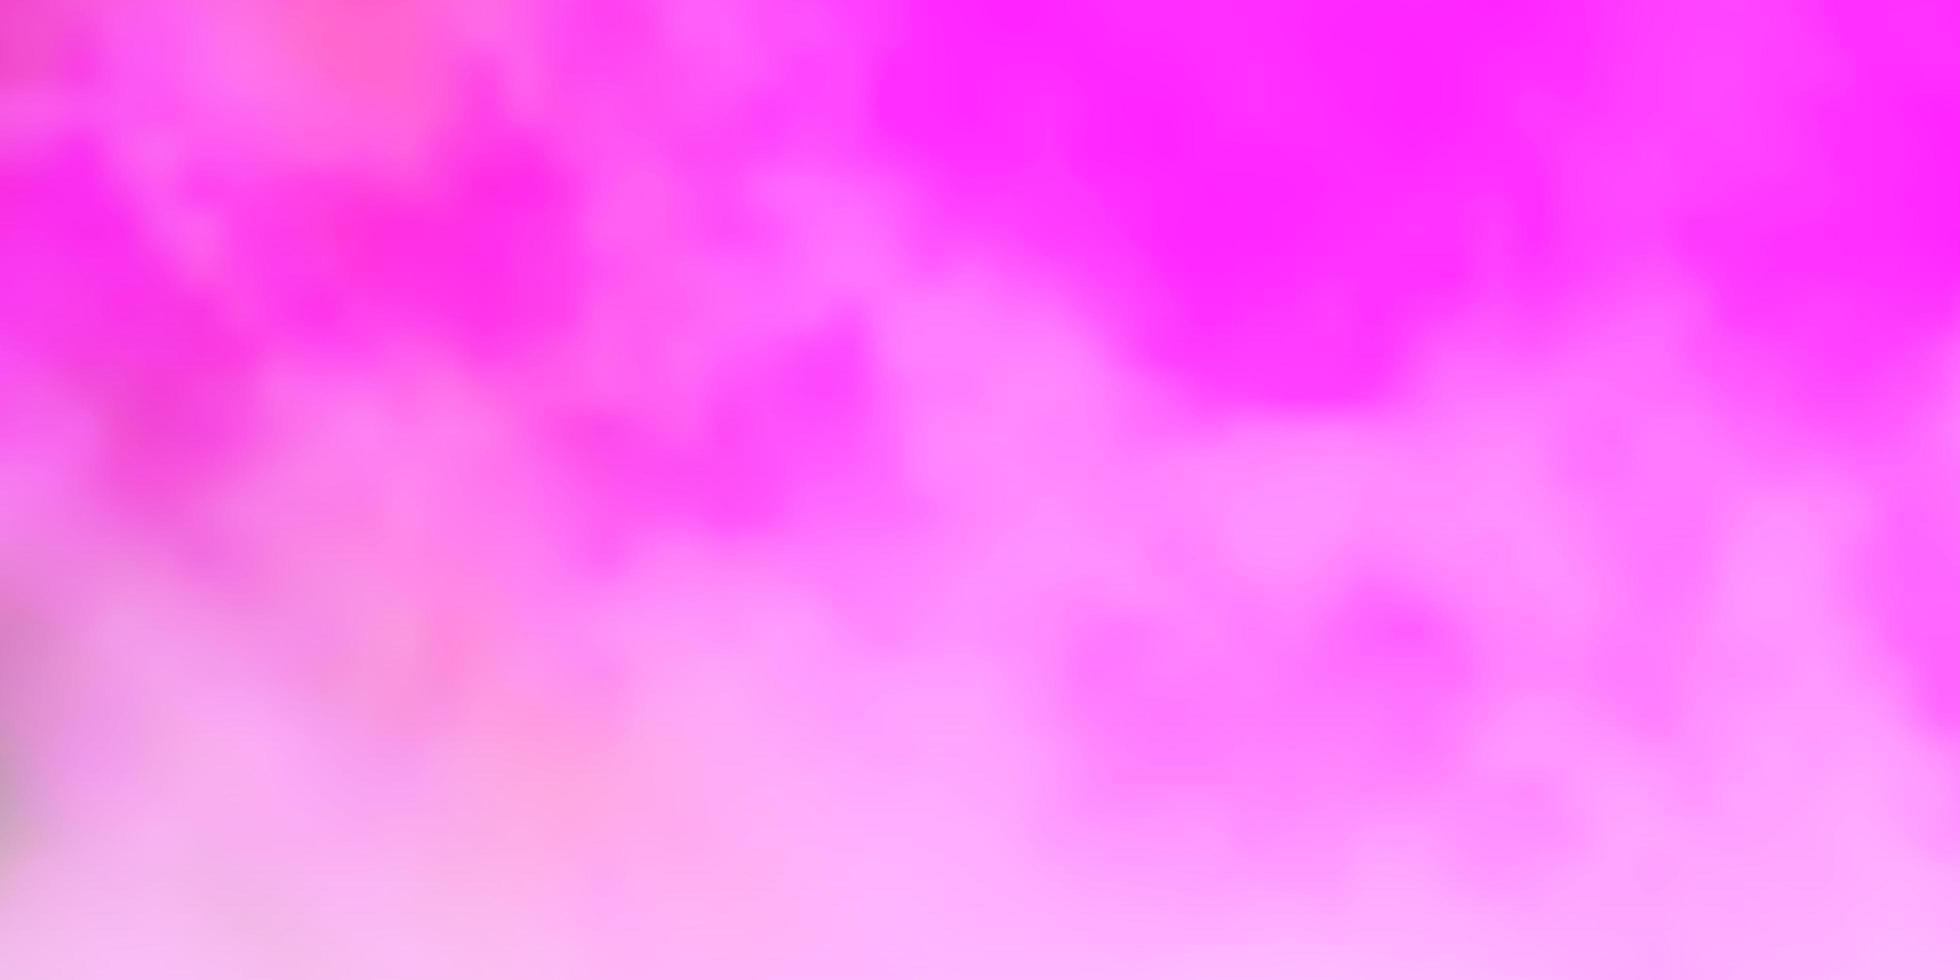 ljusrosa vektormönster med moln. vektor